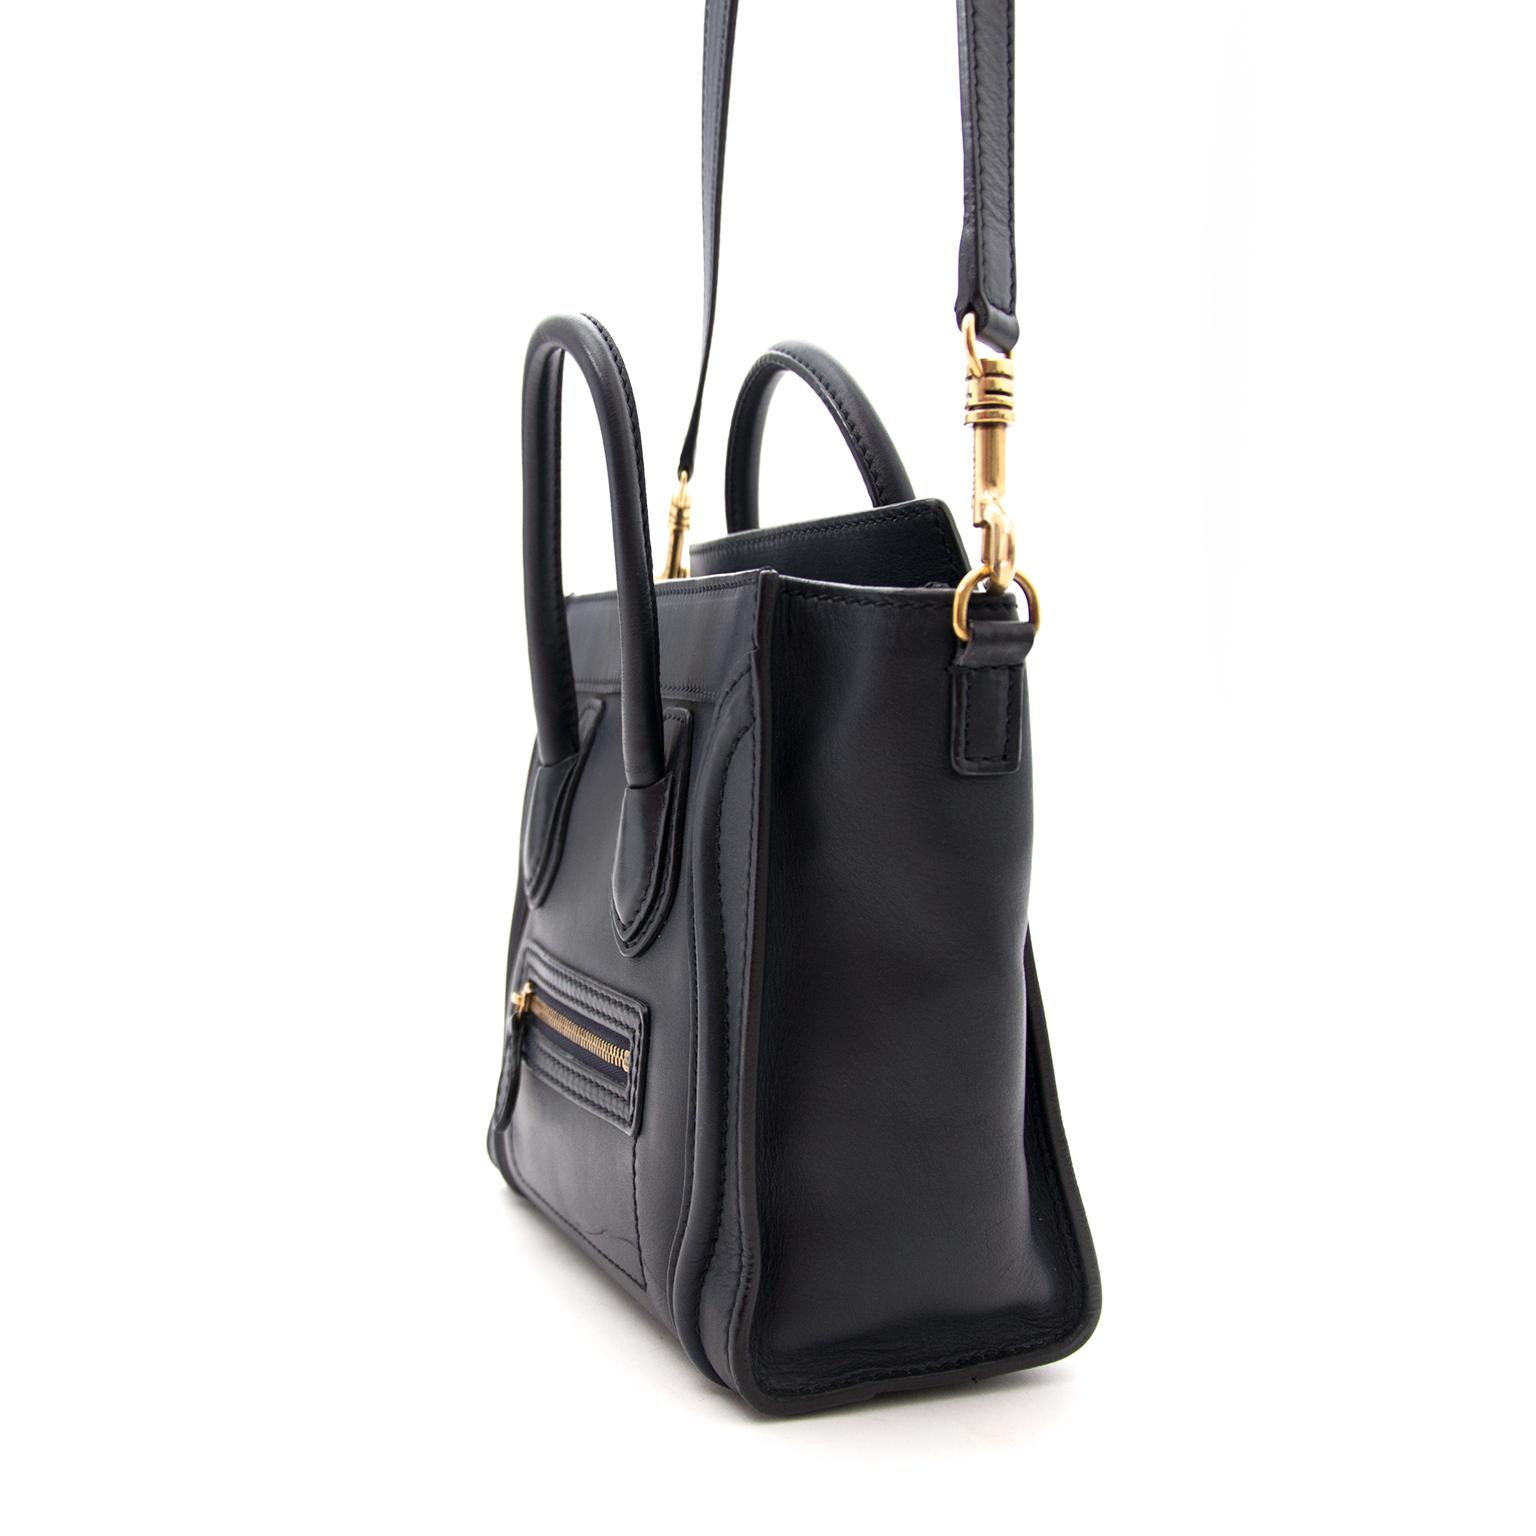 Buy an authentic Céline Blue Nano Luggage Shoulder Bag online